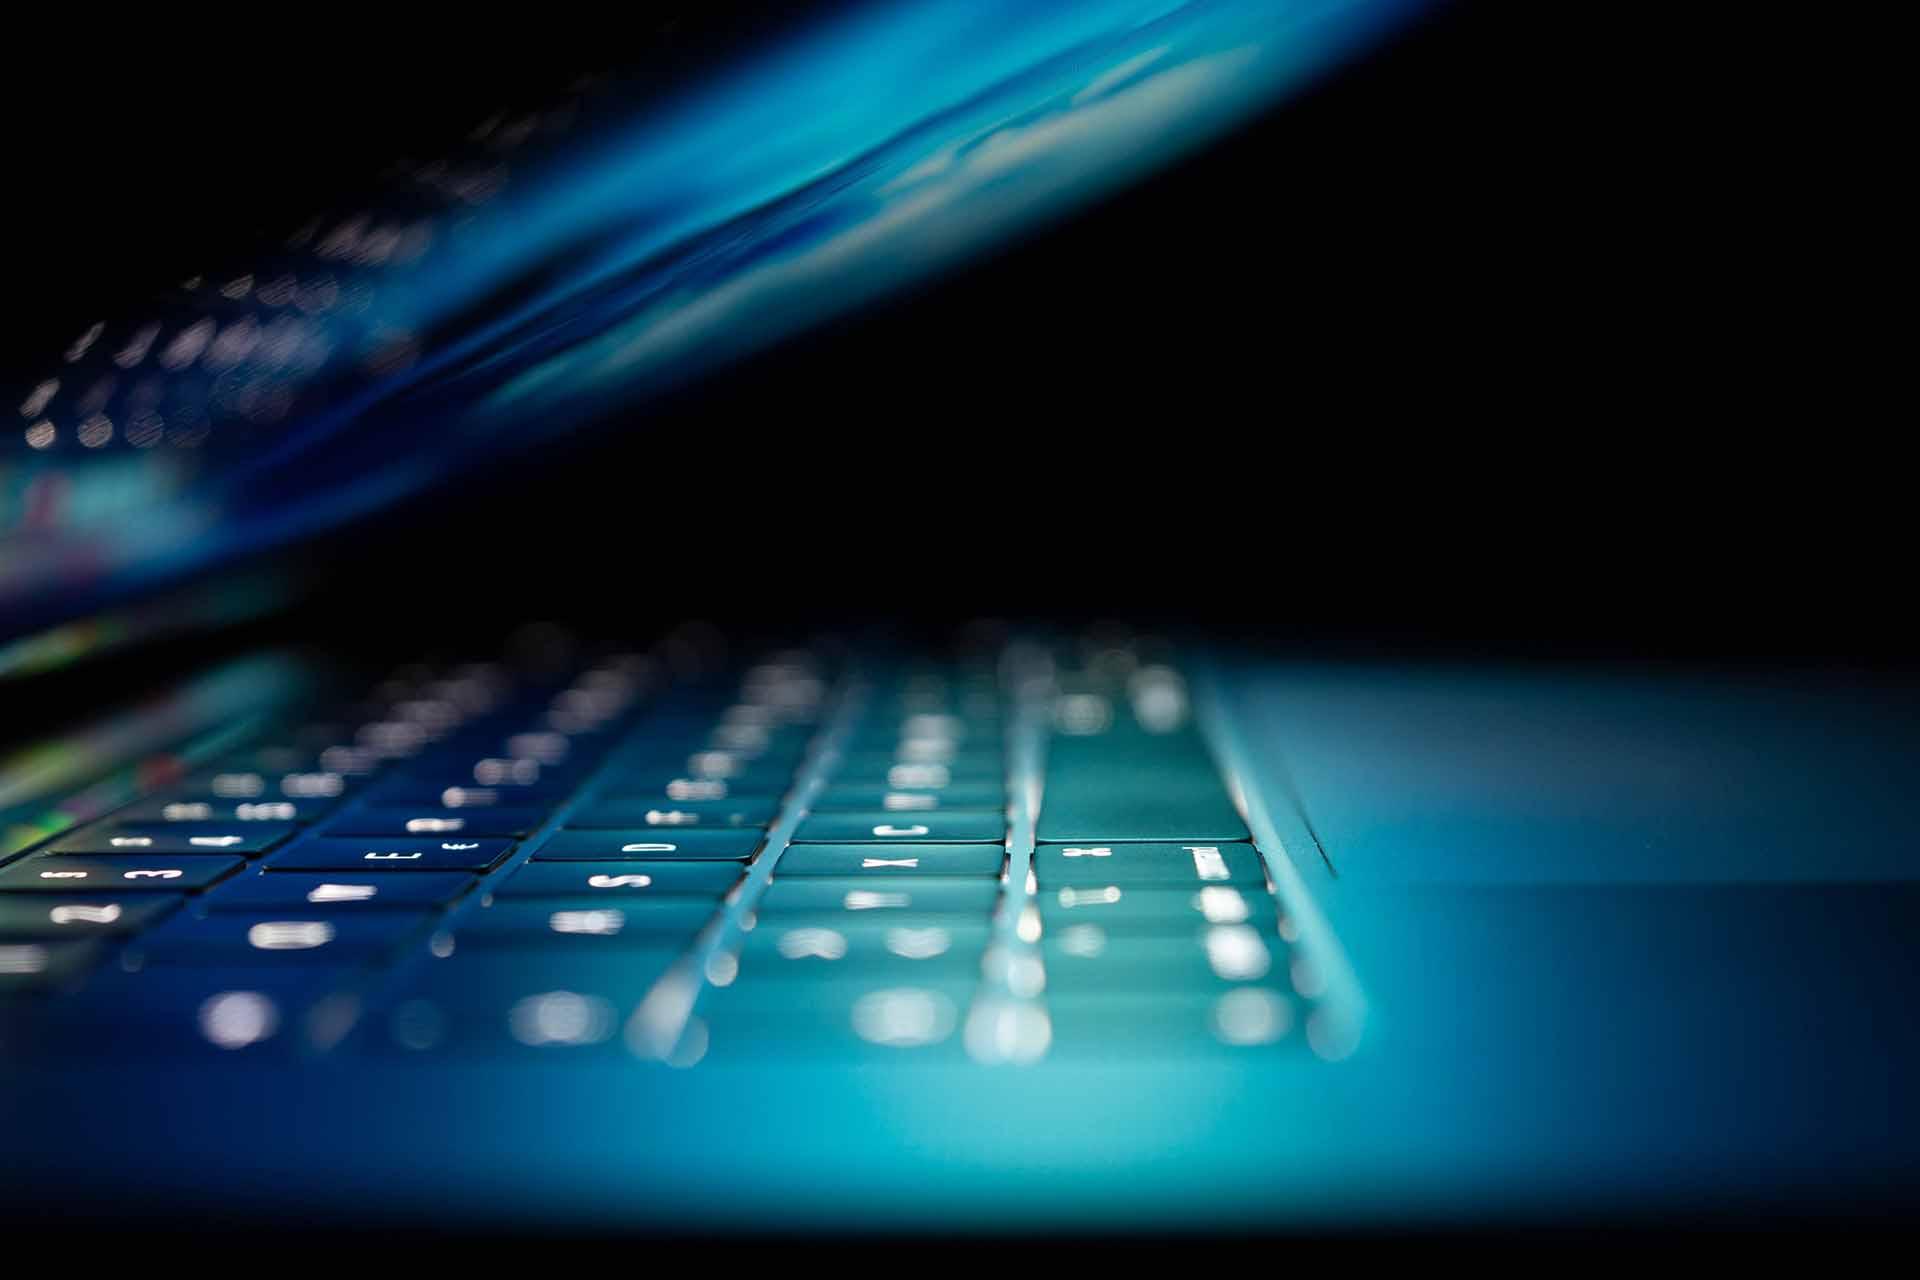 Cybersecurity: Die Gefahren lauern überall! (BASICS)